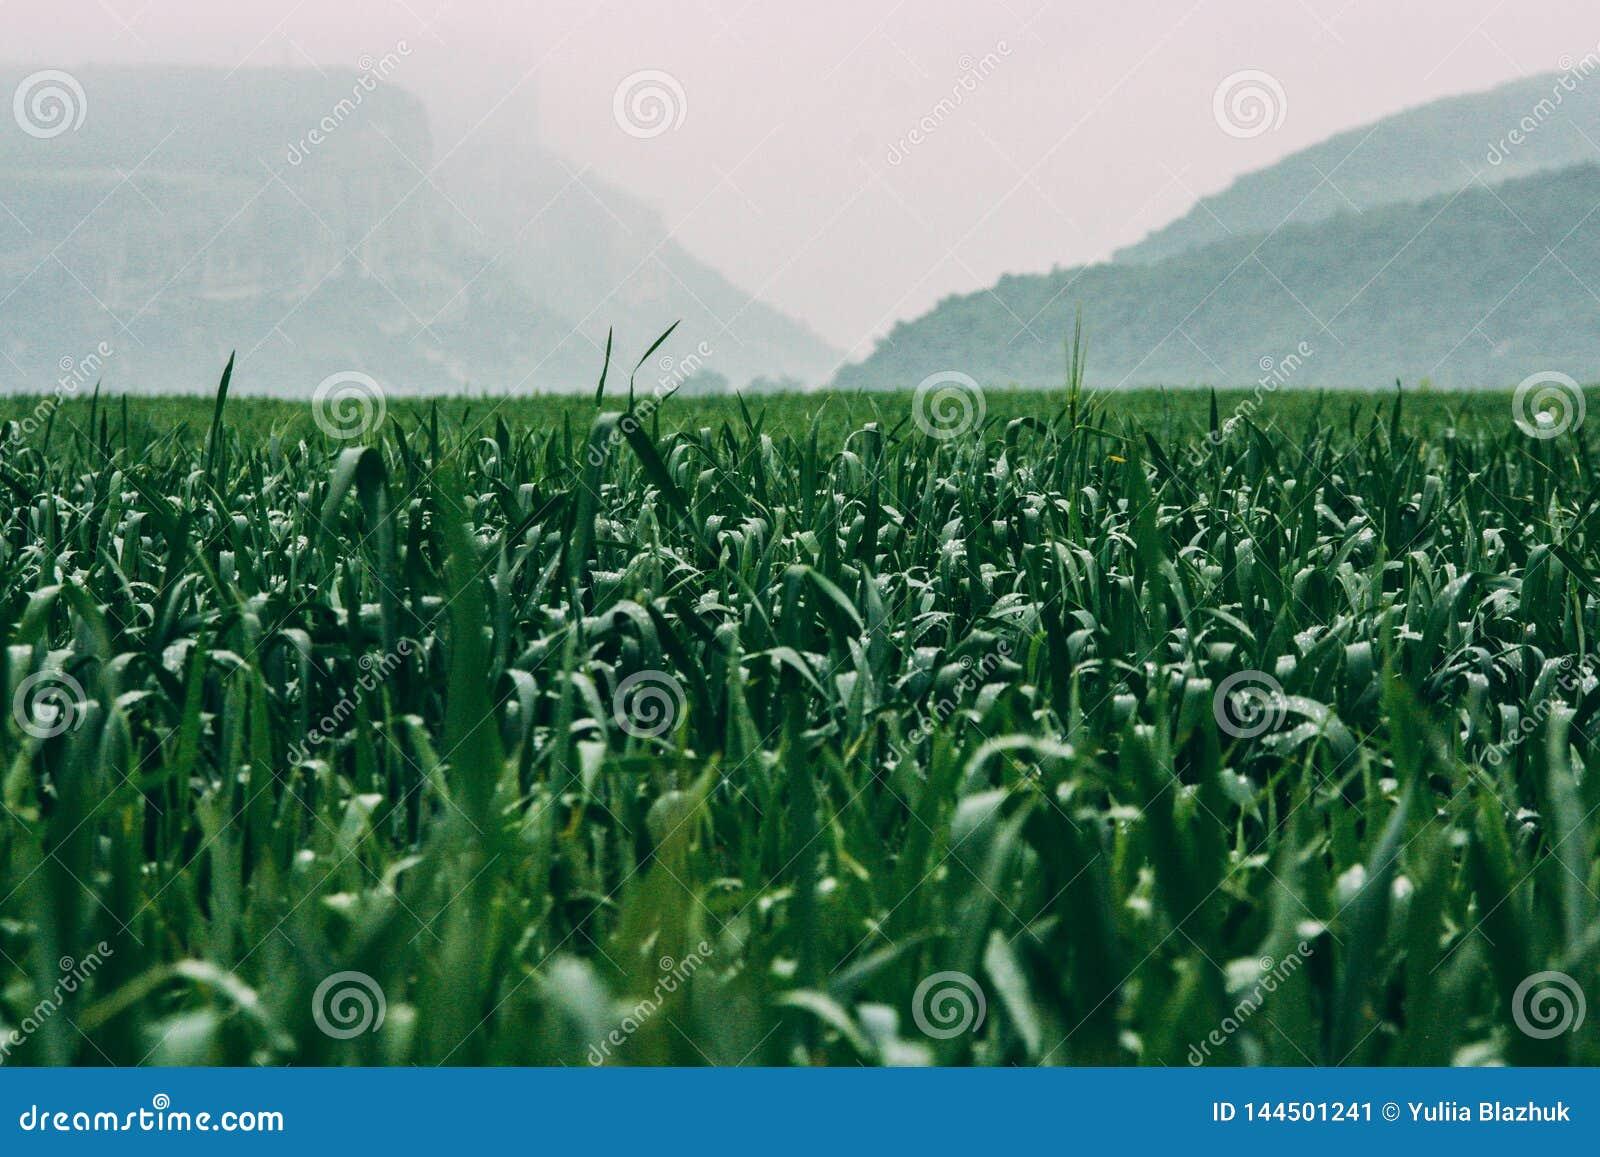 Nat groen gras bij mistige regenachtige dag Dromerige bergen op achtergrond